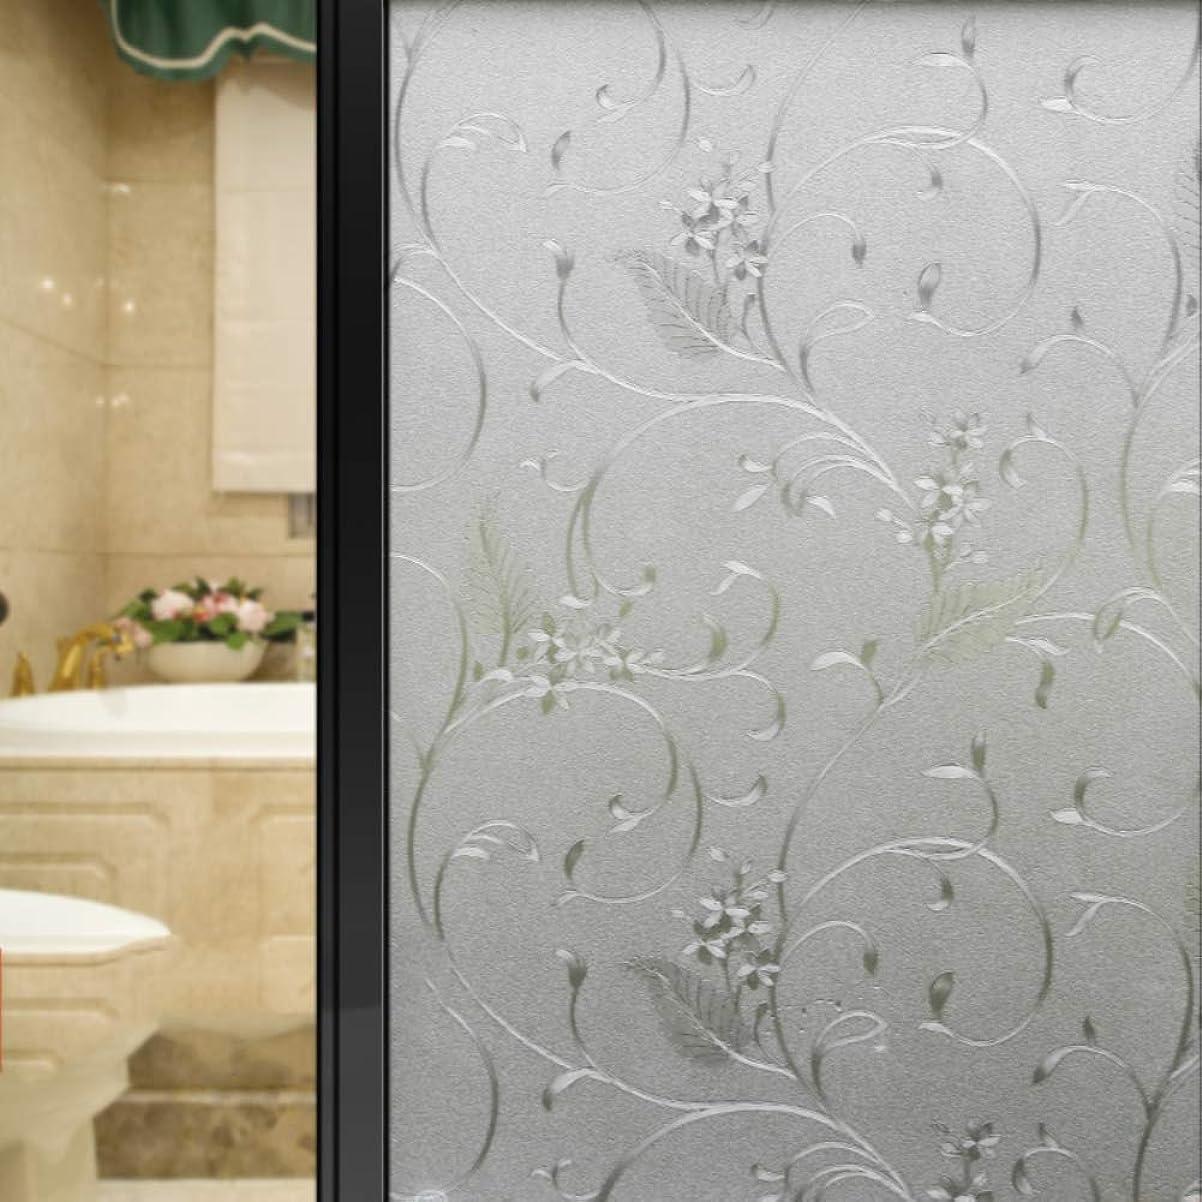 再編成するマーガレットミッチェルかすれた静的しがみつくプライバシーウィンドウフィルム、曇りのない接着剤熱制御アンチUVガラスフィルム3dウィンドウステッカーオフィス浴室-f 45x300cm(18x118inch)